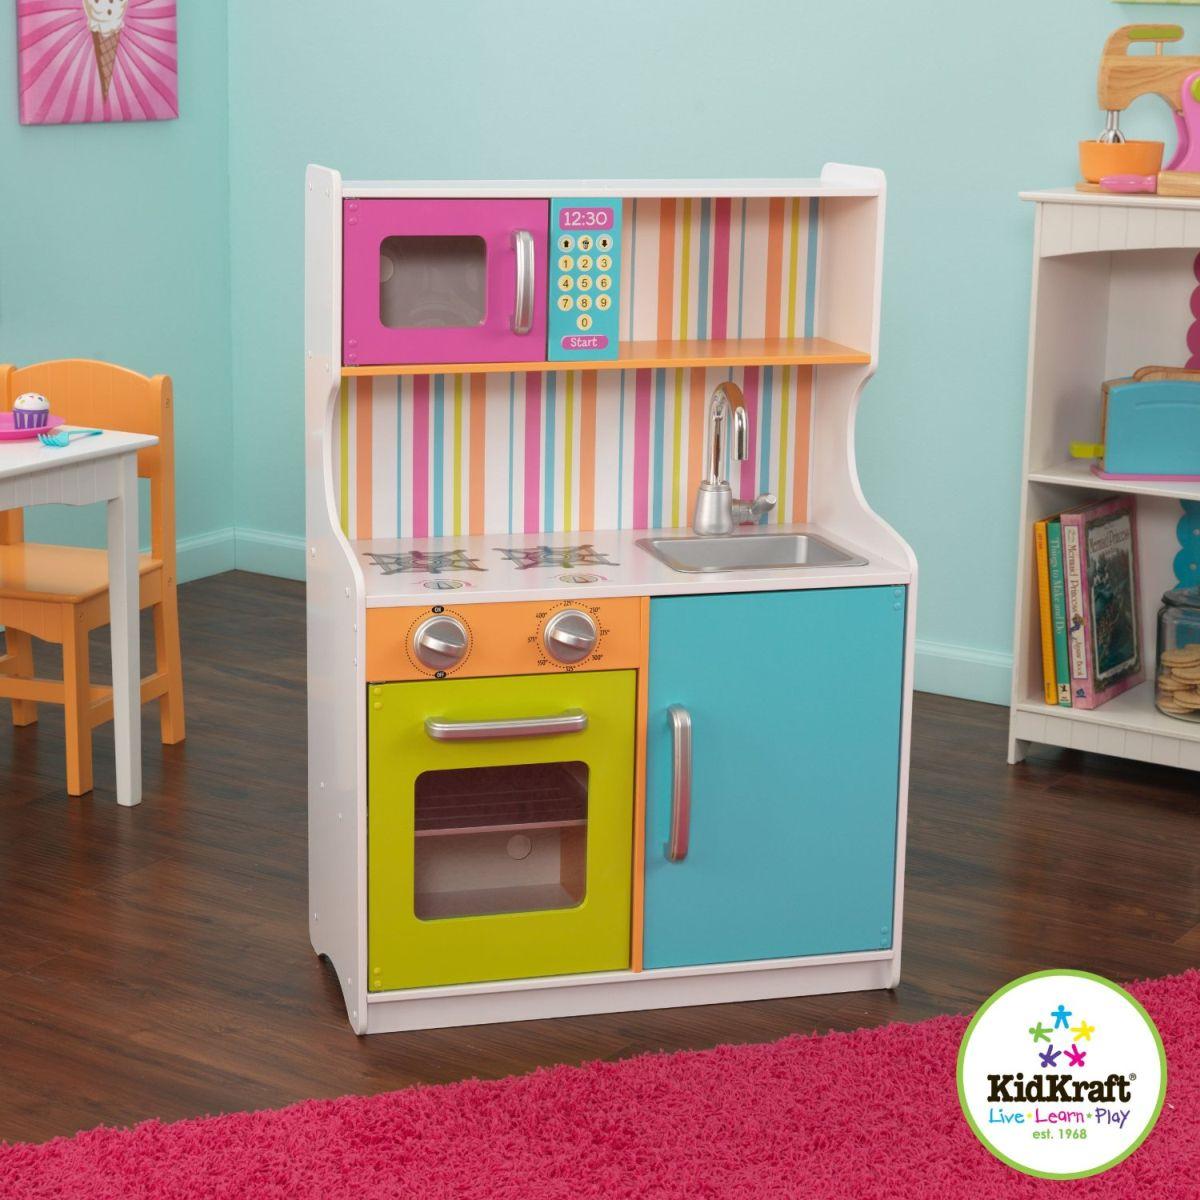 Kidkraft cuisine enfant au couleurs vives 53294 car interior design - Cuisine enfant kidkraft ...